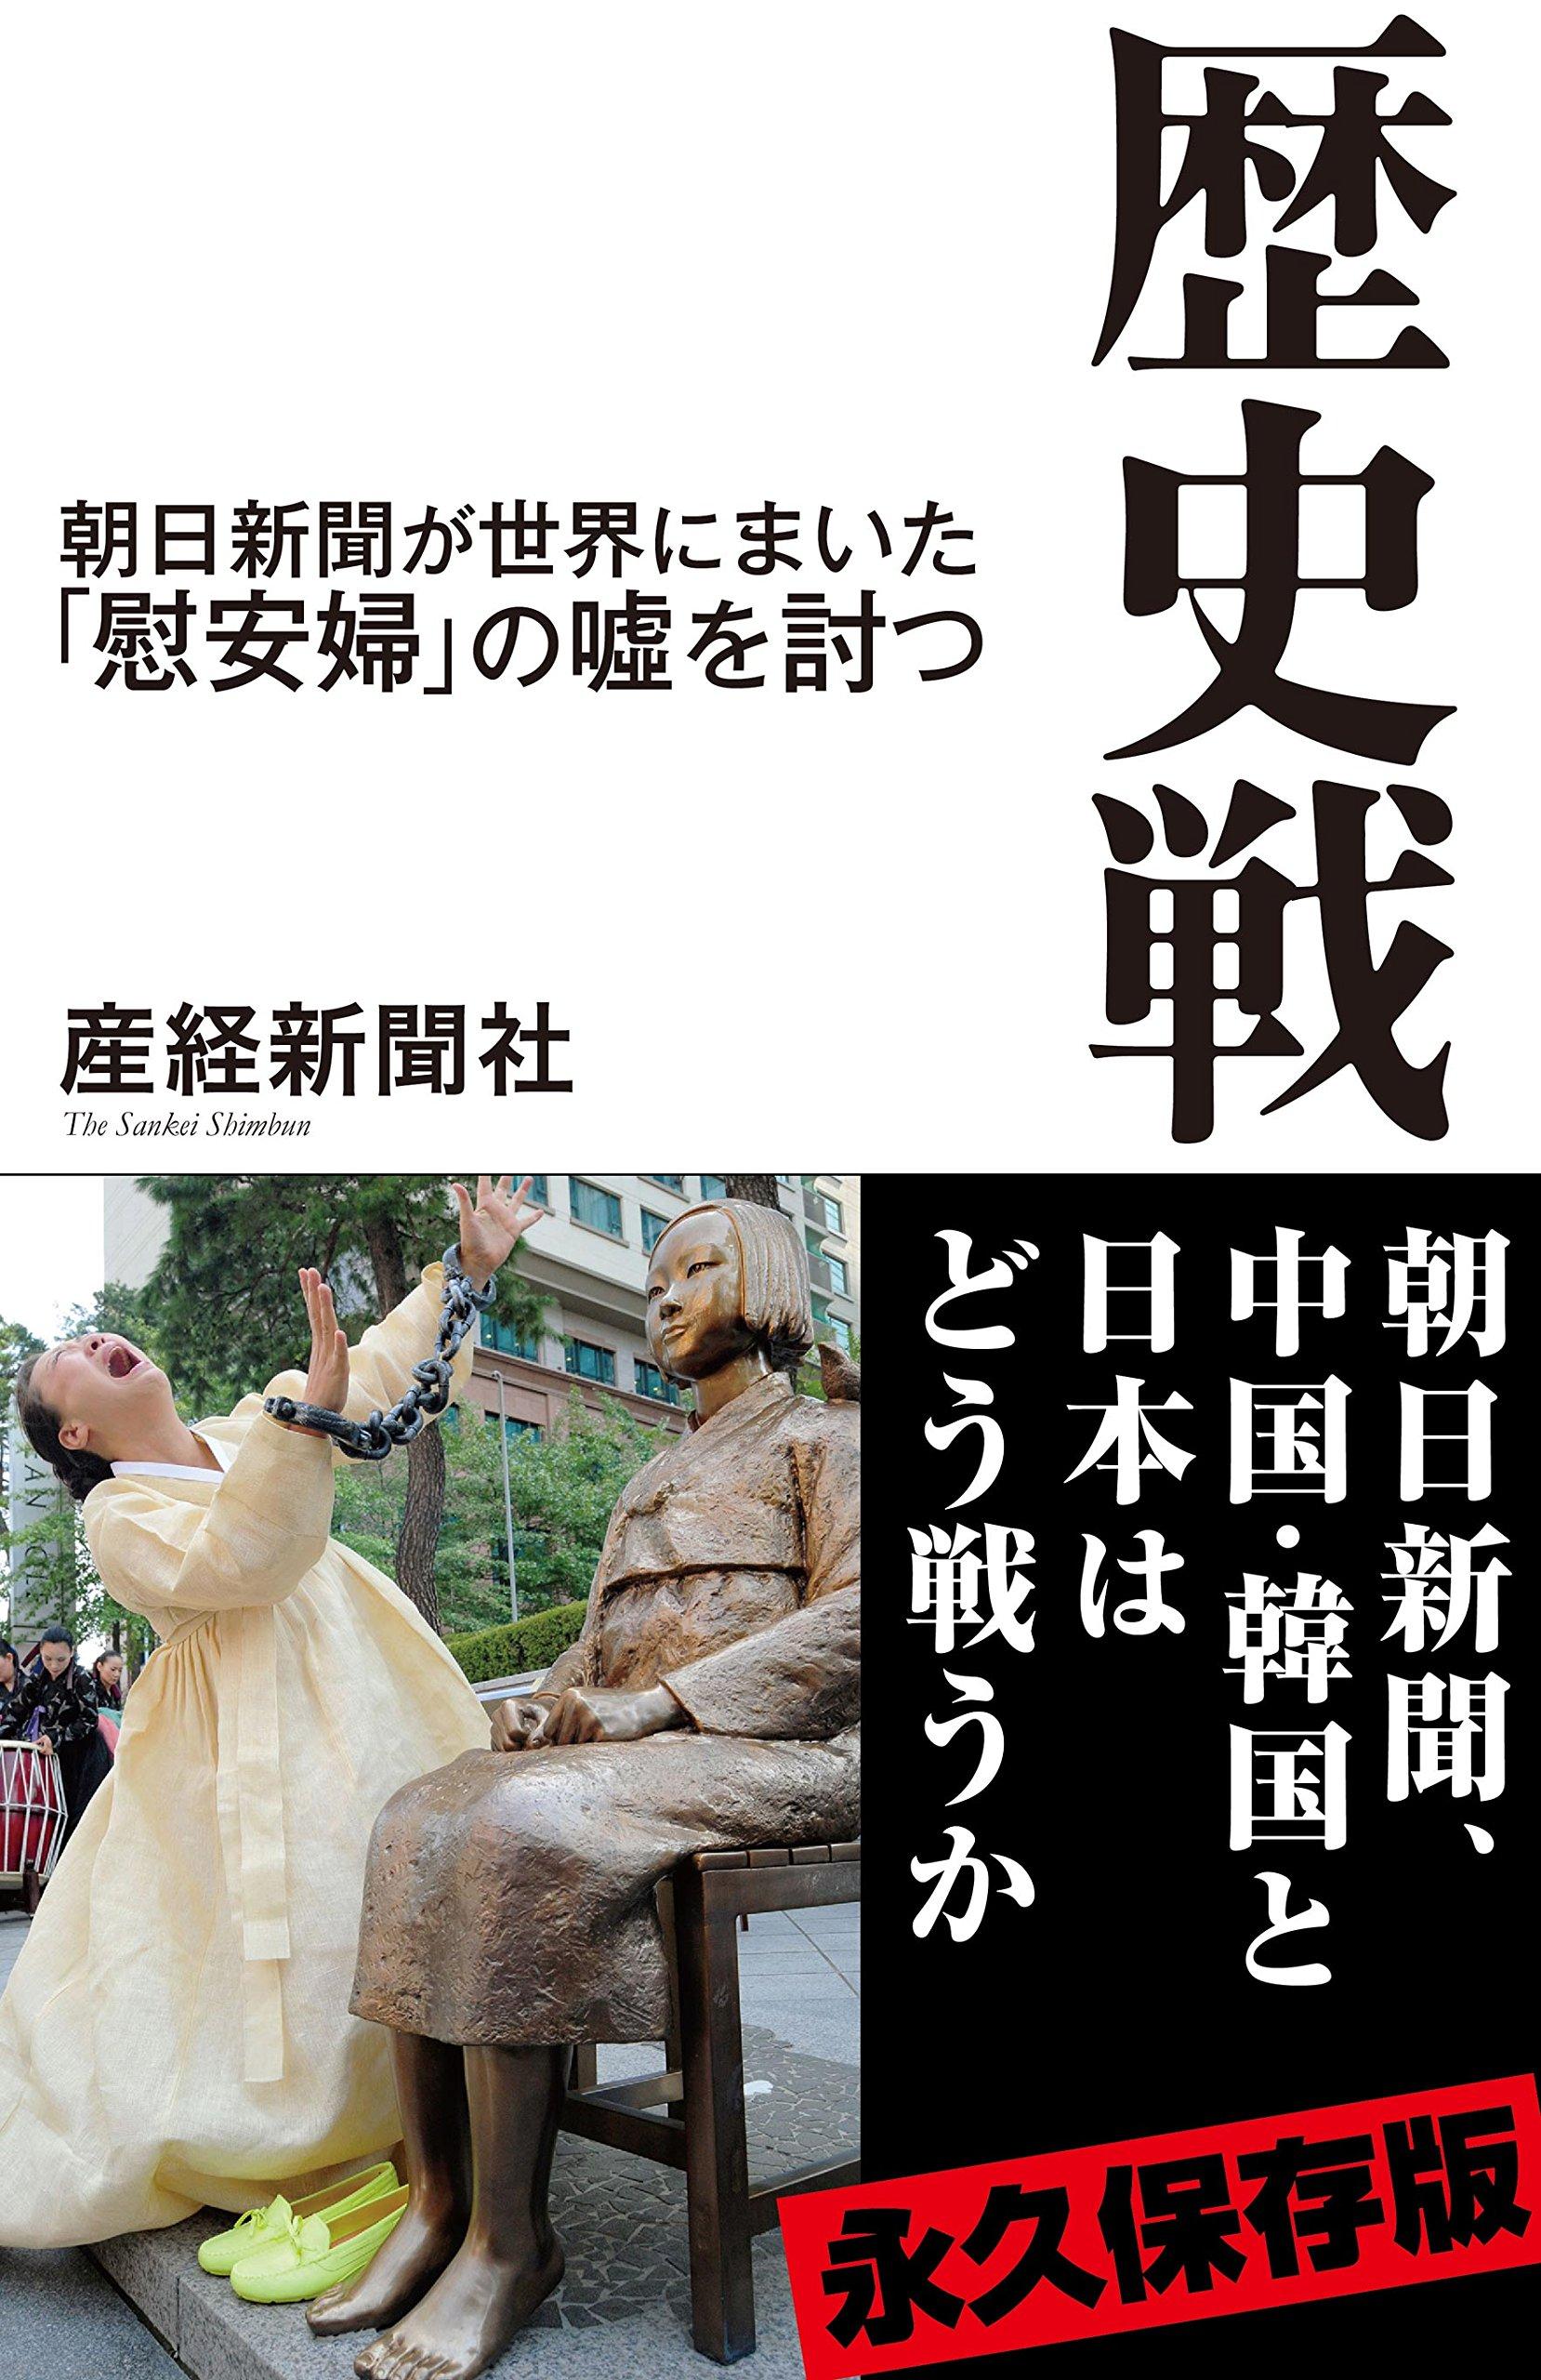 【朝日新聞】 「慰安婦」「吉田調書」報道、「池上コラム」見送り問題の経過